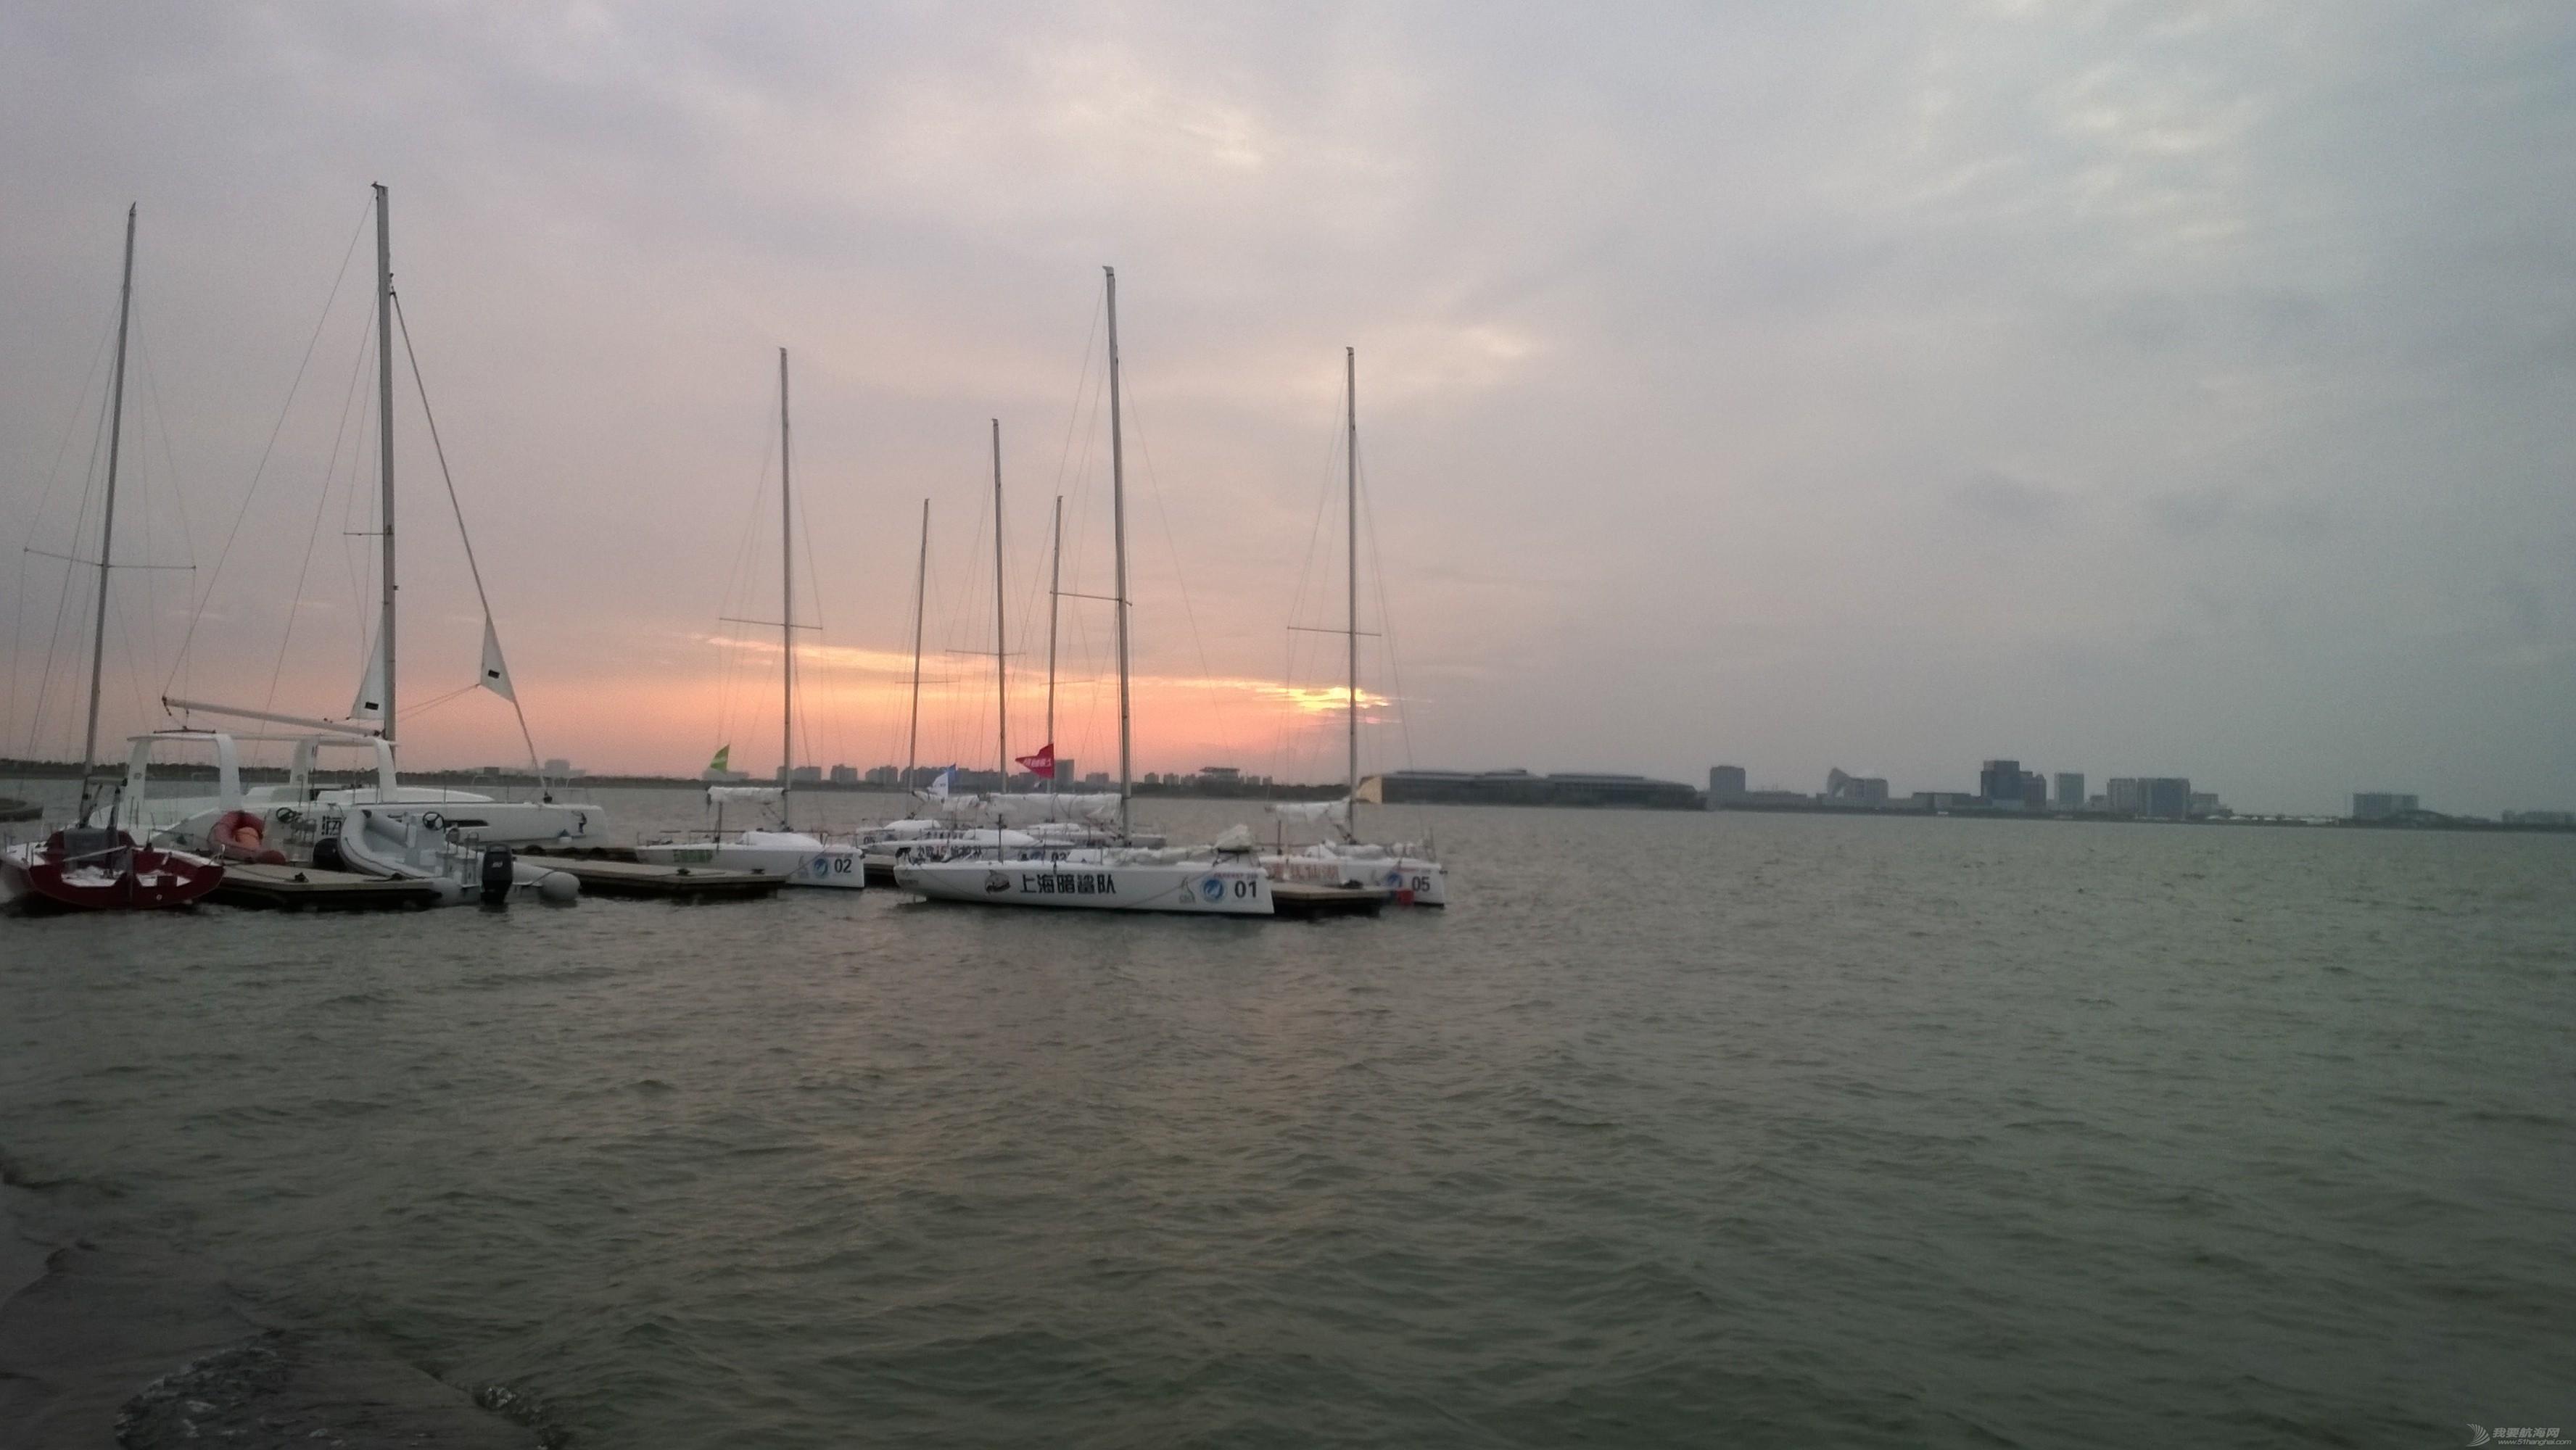 俱乐部,哈工大,吉祥物,代表队,所在地 菜鸟首次比帆赛-记上海临港国际帆船比赛 WP_20150925_050.jpg